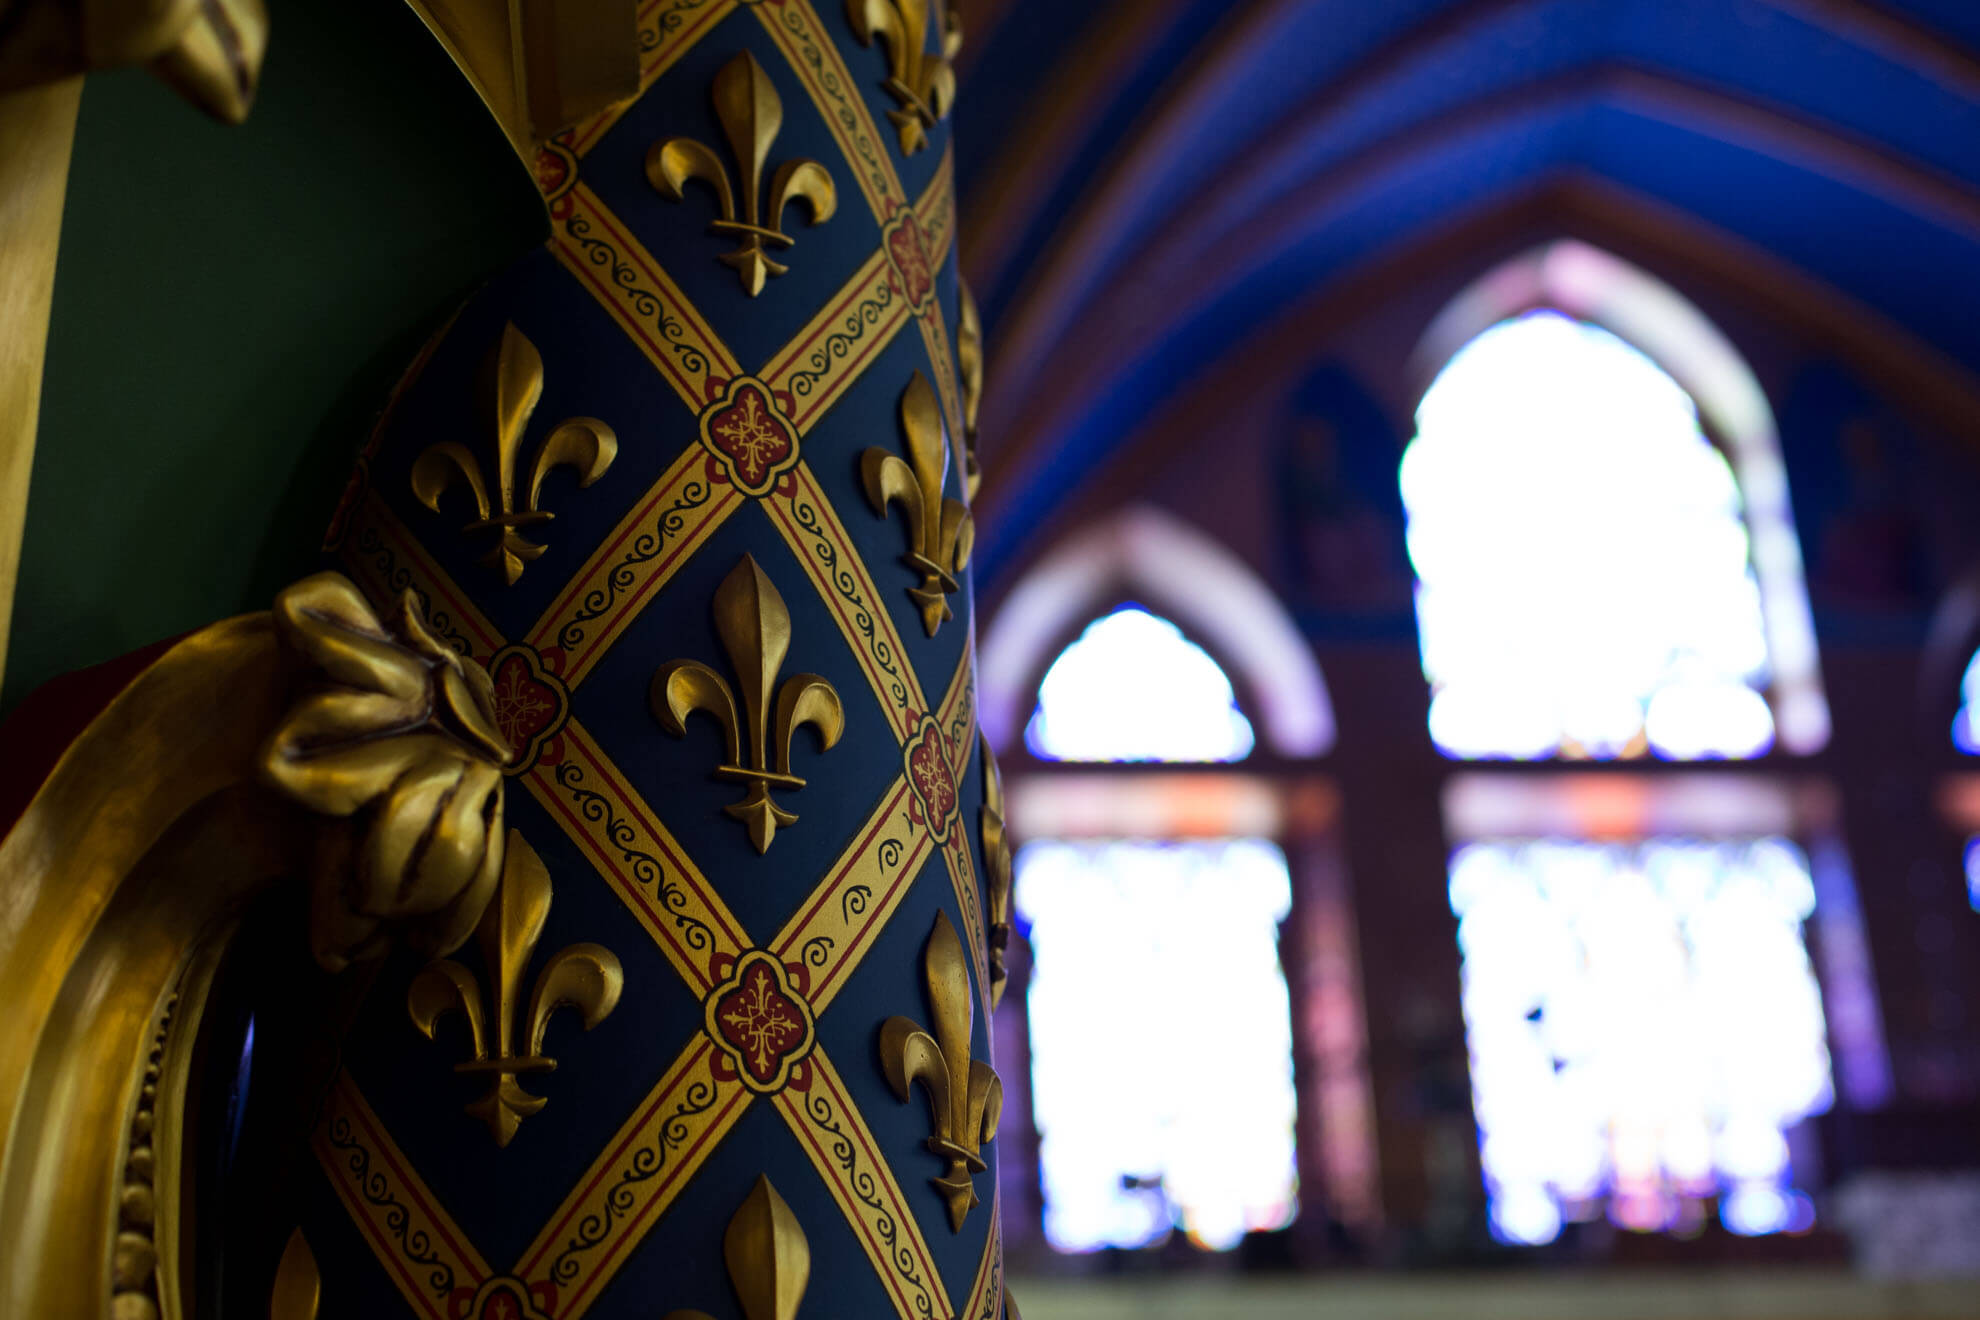 Na basílica funciona o grande seminário dos arautos, onde estudam os jovens maiores de 18 anos